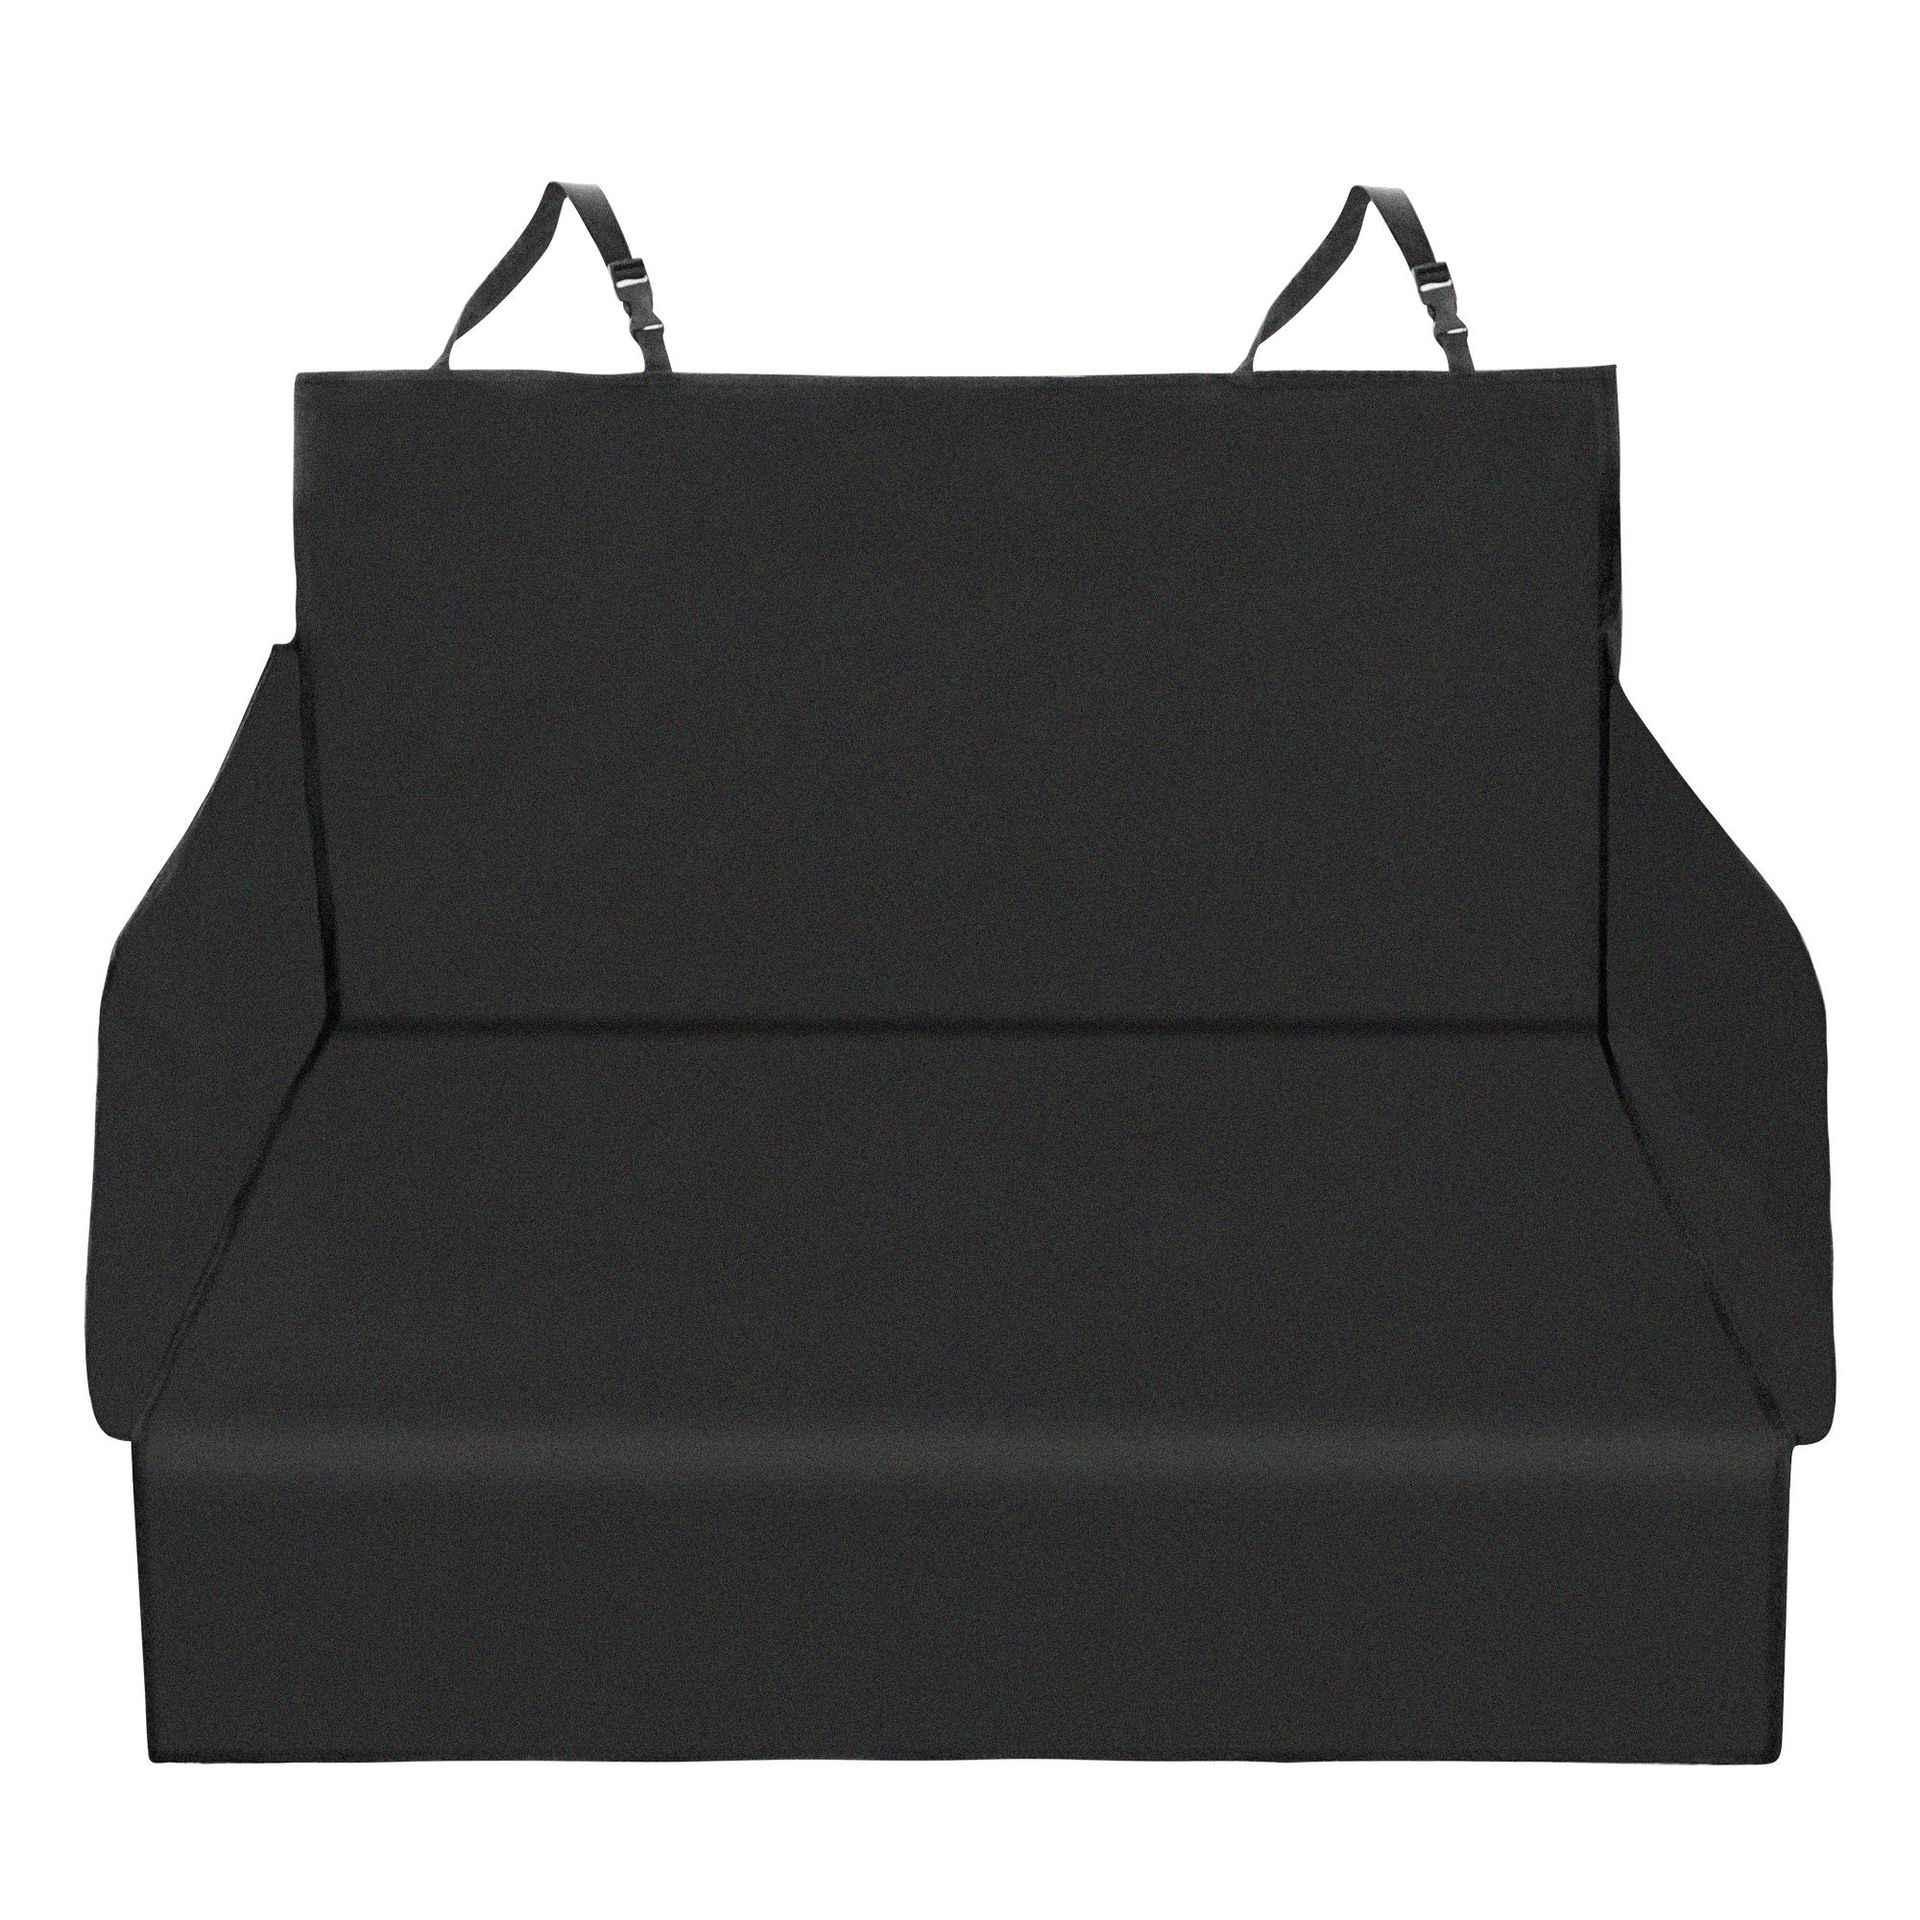 2019 新着脱式子羊ベルベットパッドオックスフォード布防水車のトランクペットパッド SUV 車後部座席抗汚いパッド貨物ライナー